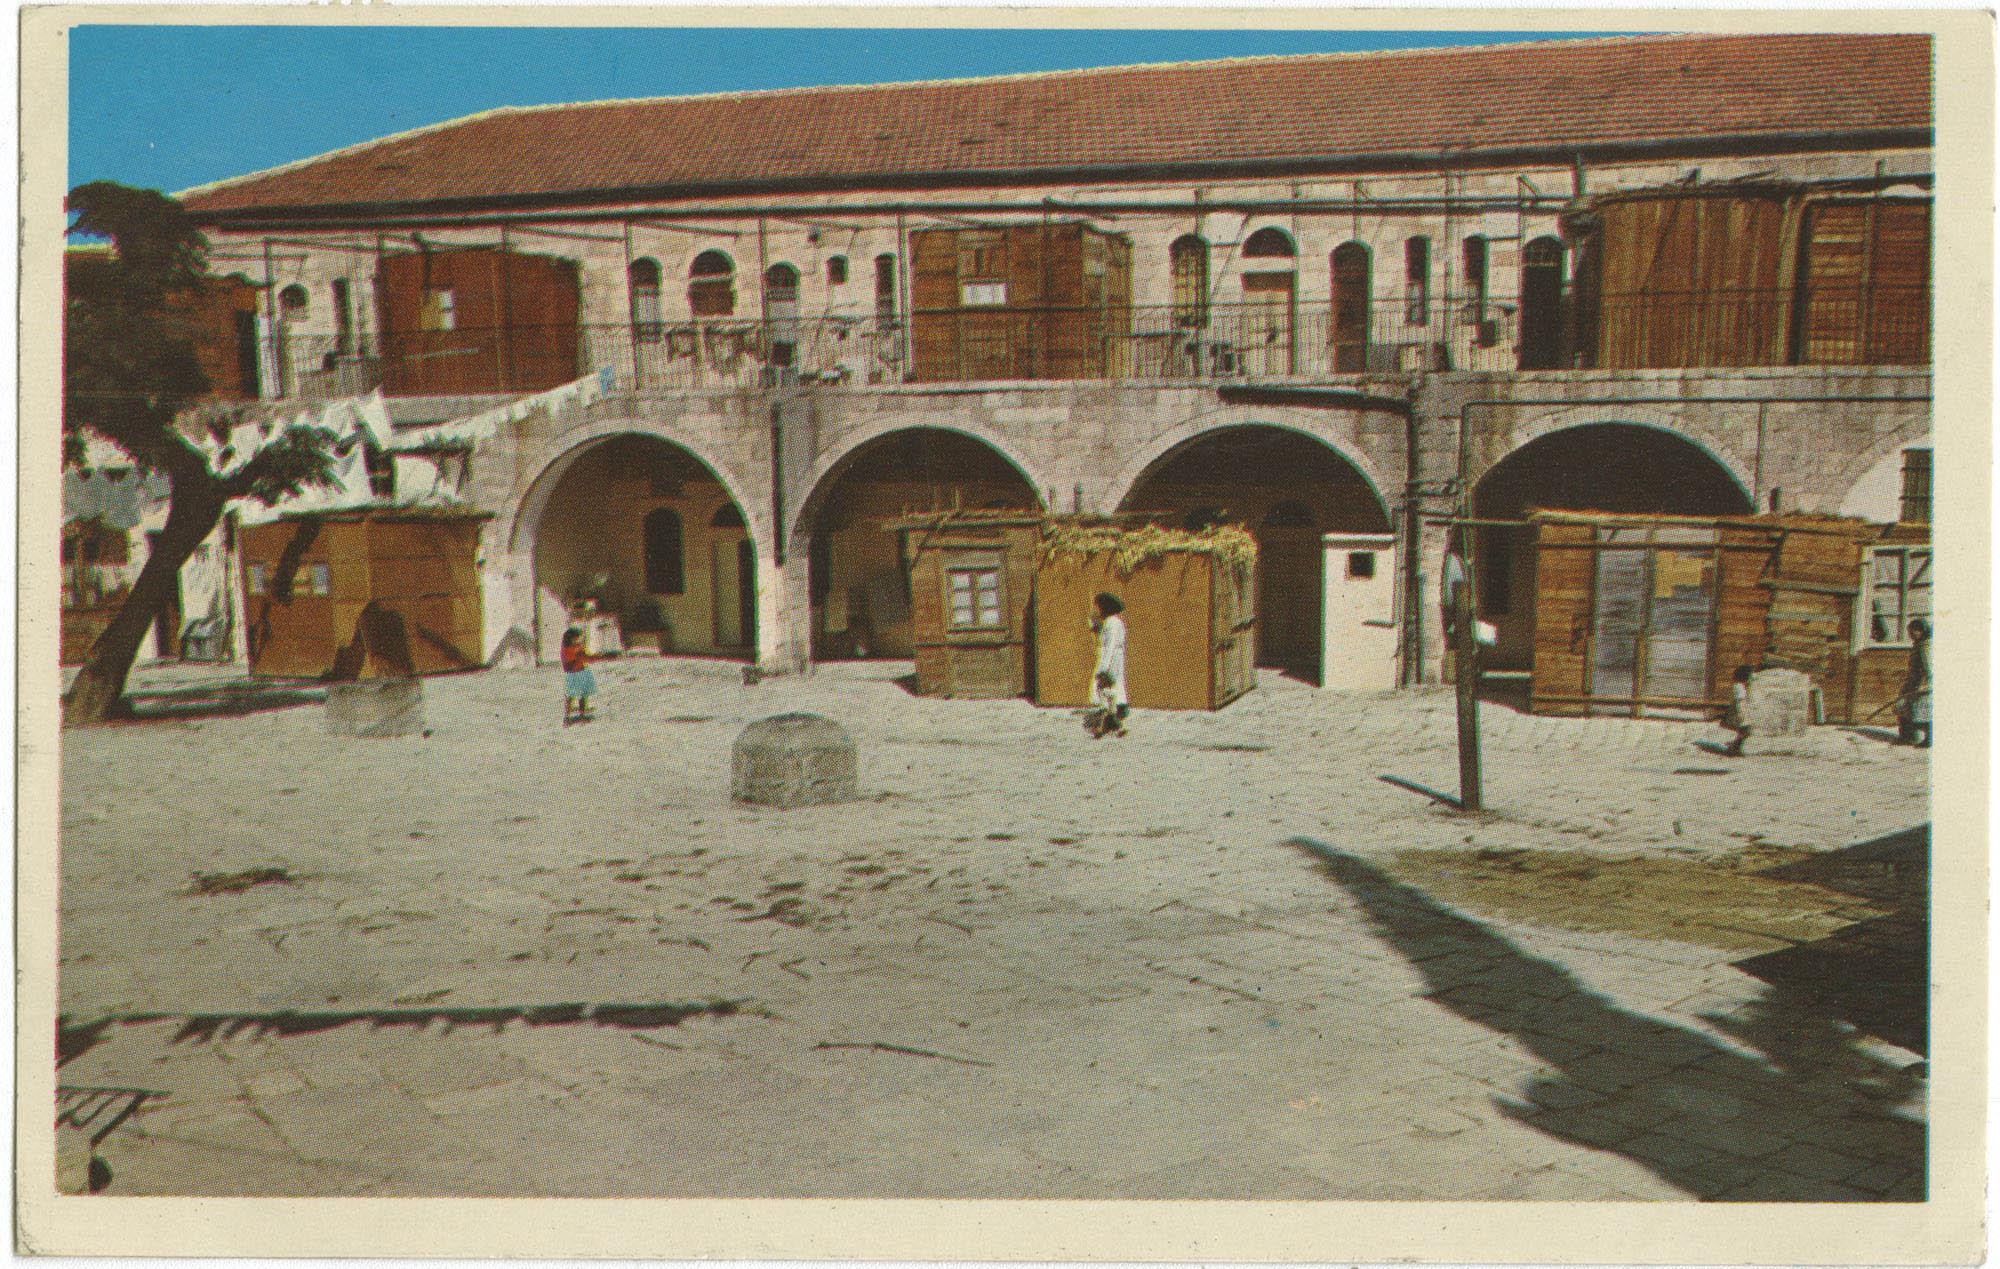 JERUSALEM - Sukkoth at Mea Shearim / ירושלים, סוכות במאה שערים